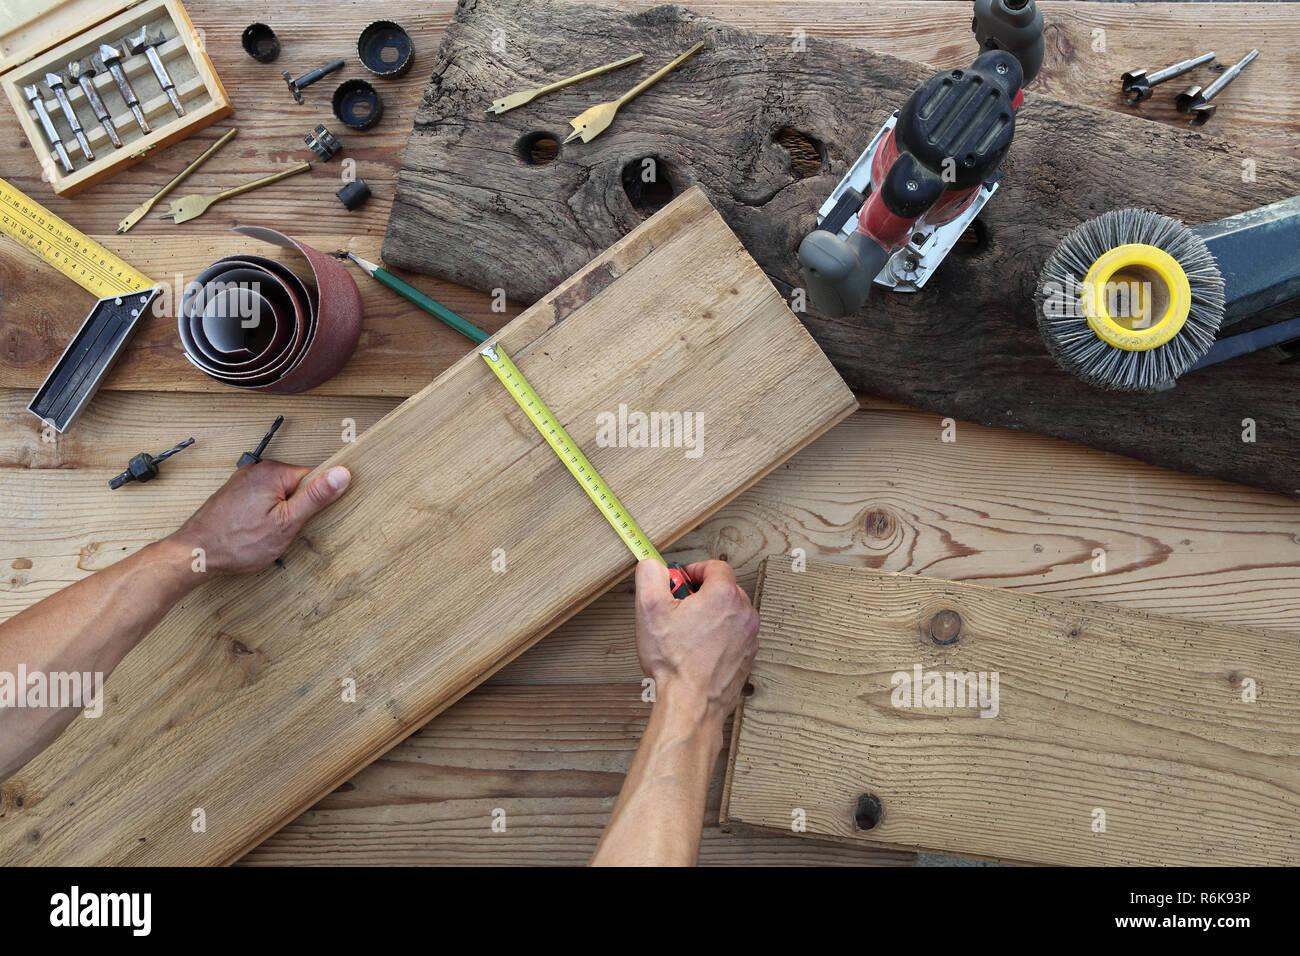 Assi Di Legno Rustiche : Falegname mani lavorano il legno misurando con il metro a nastro